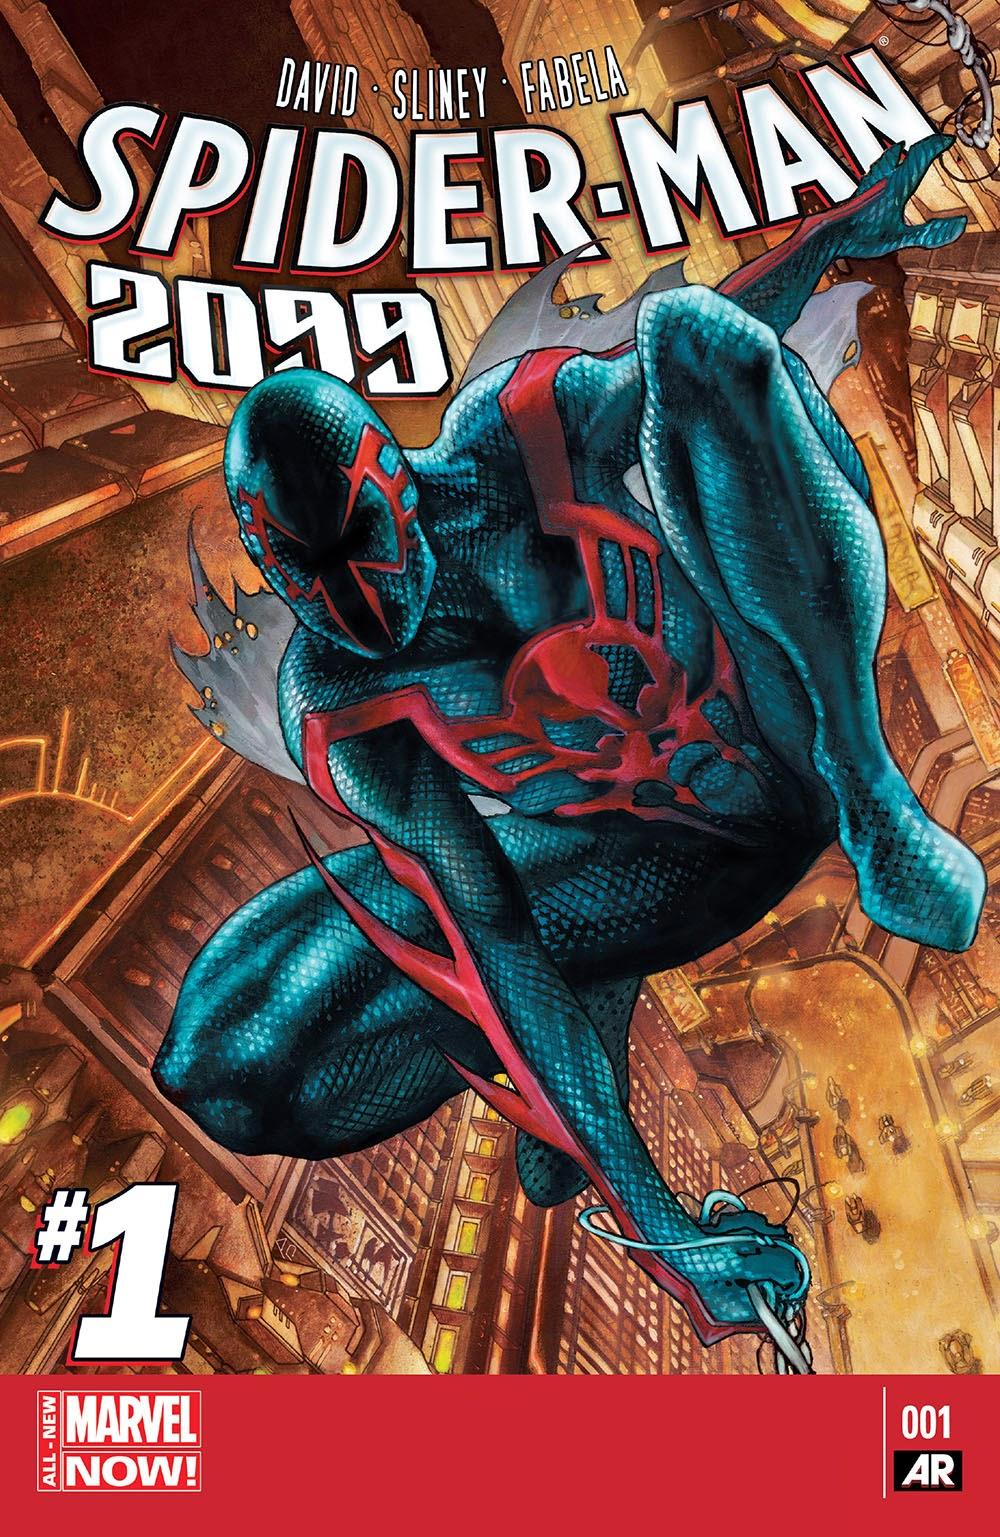 Spider man 2099 v2 001 2014